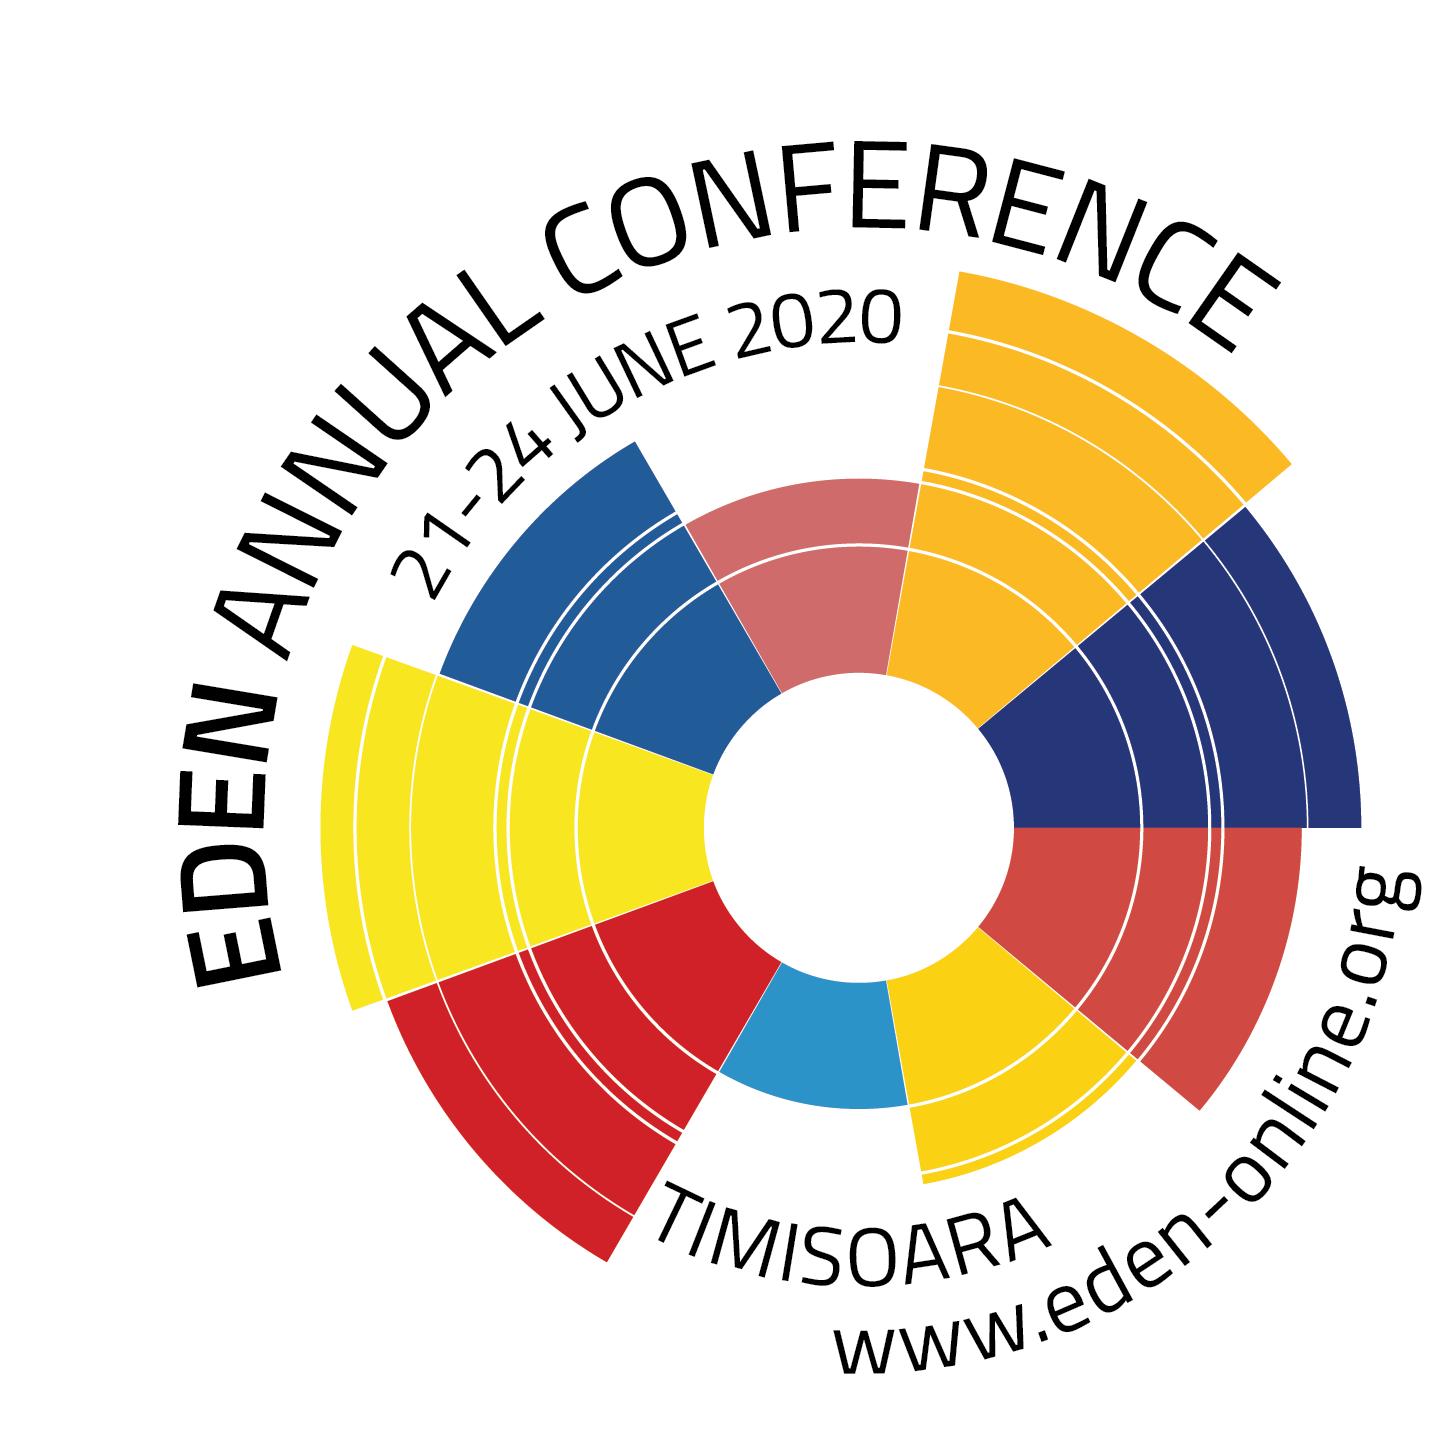 Eden 2020 conference logo